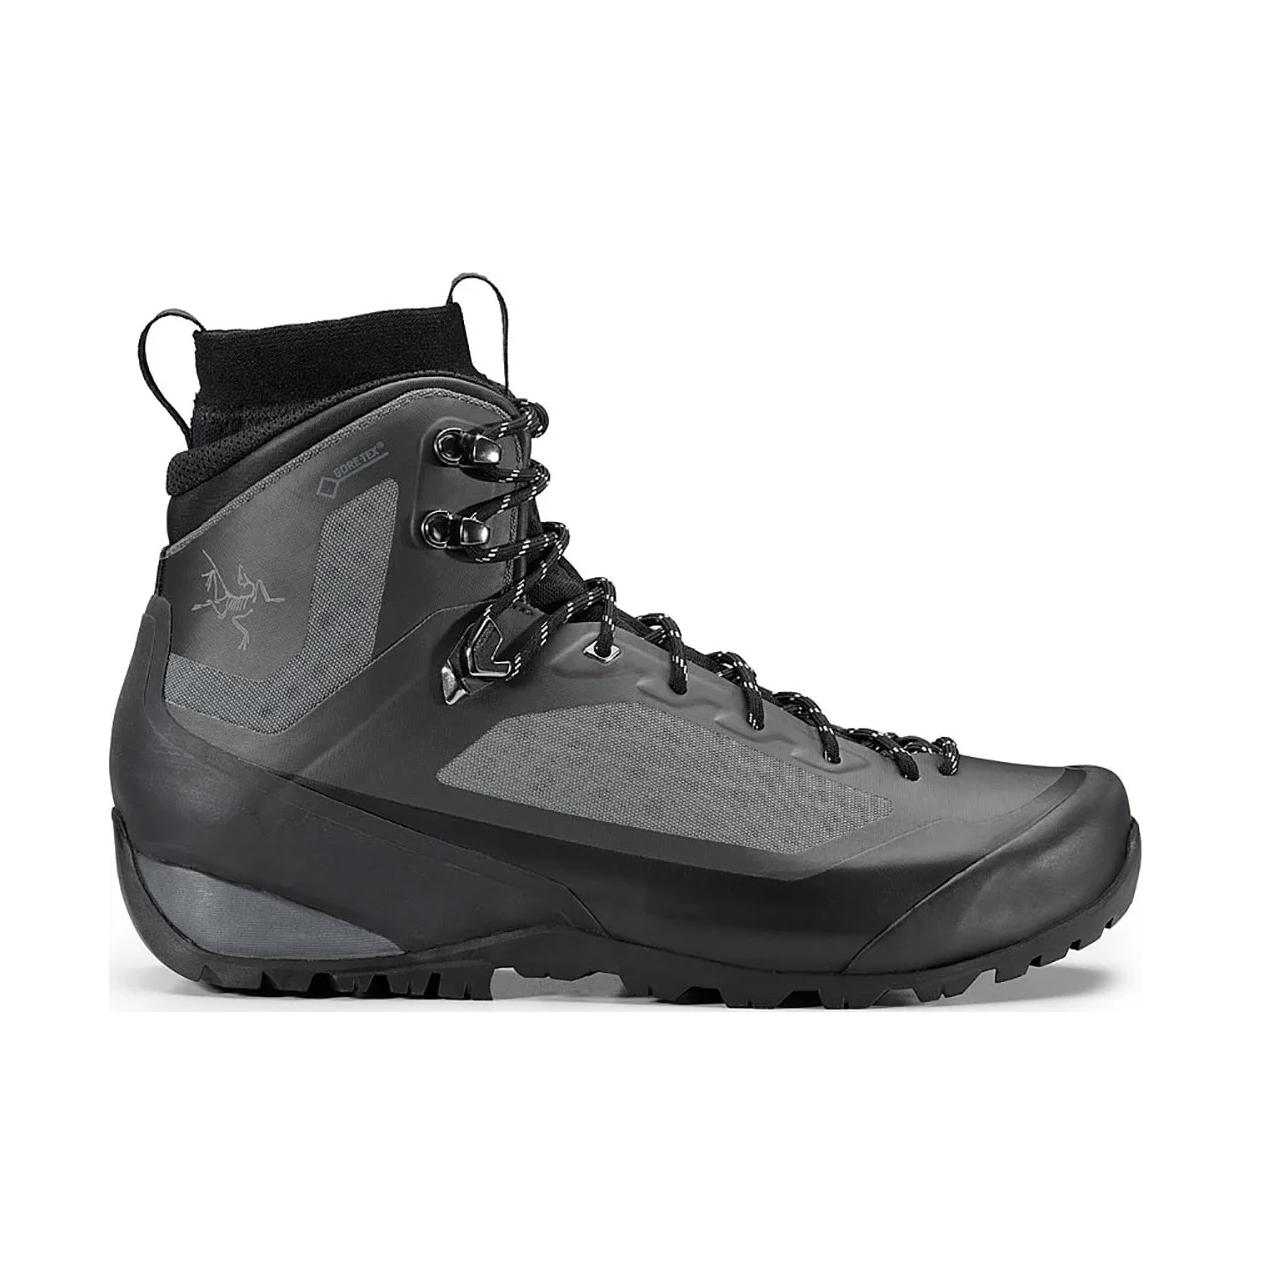 boots topp